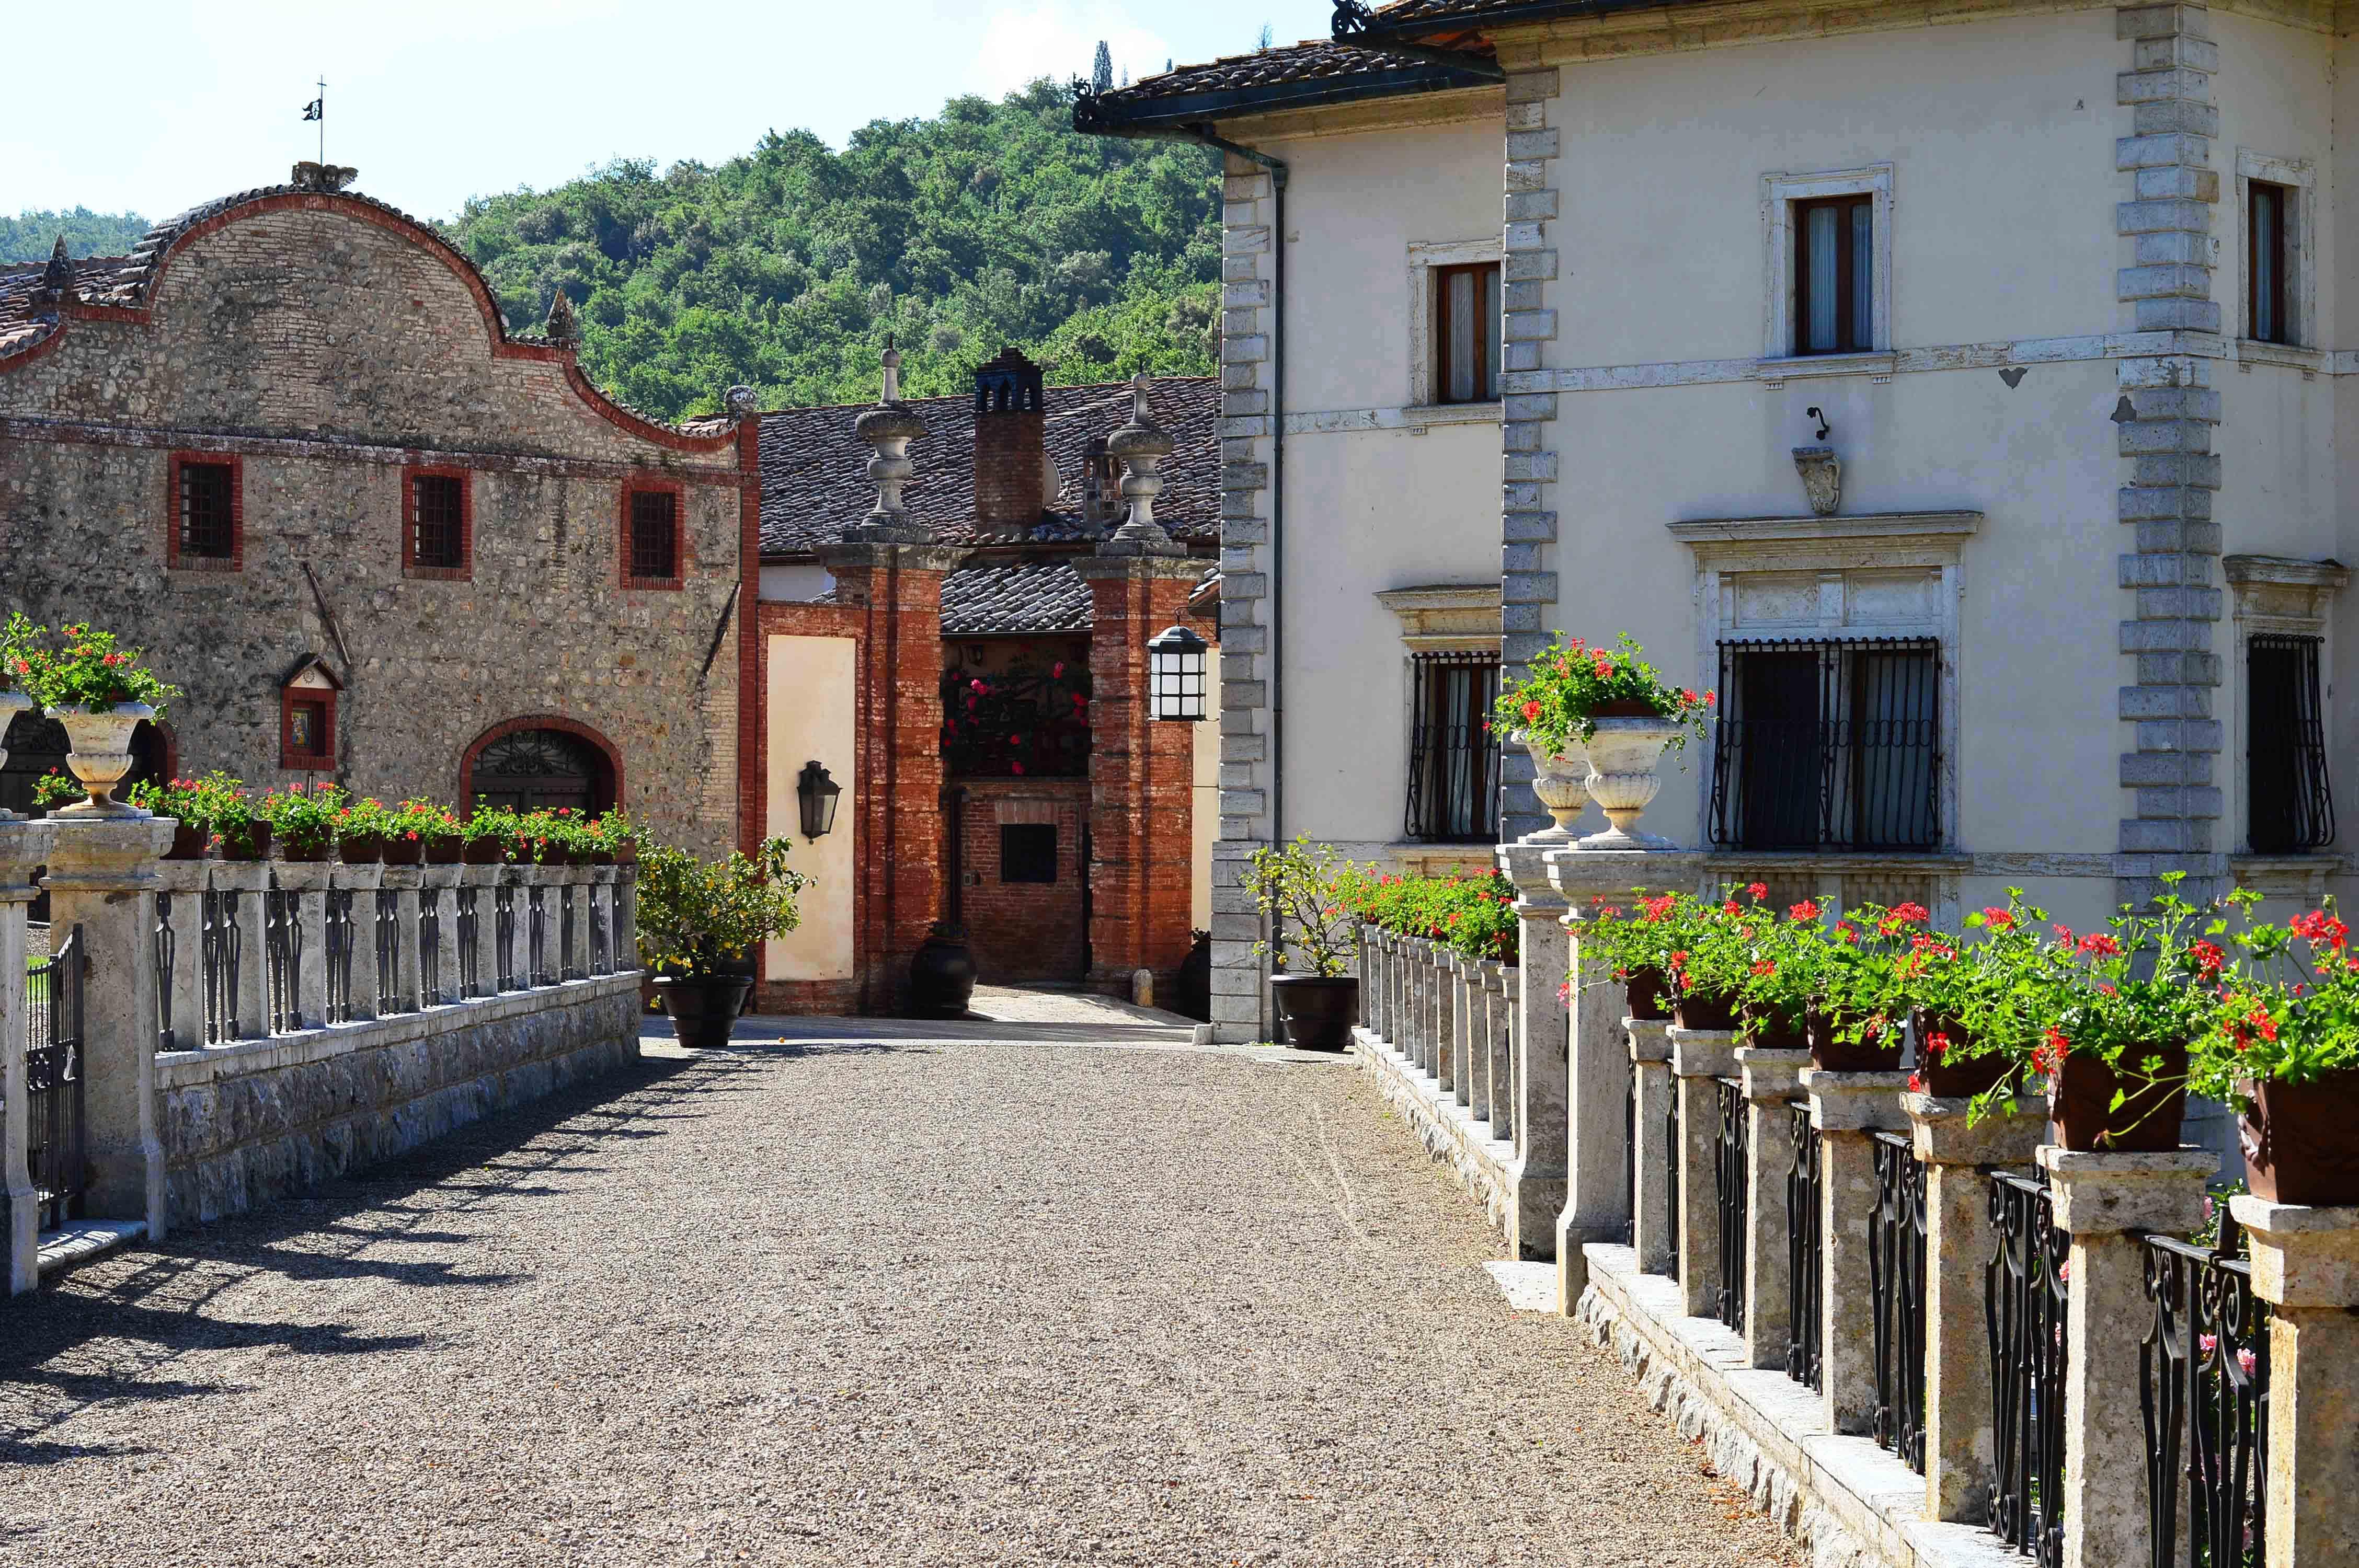 03_La Bagnaia_Siena